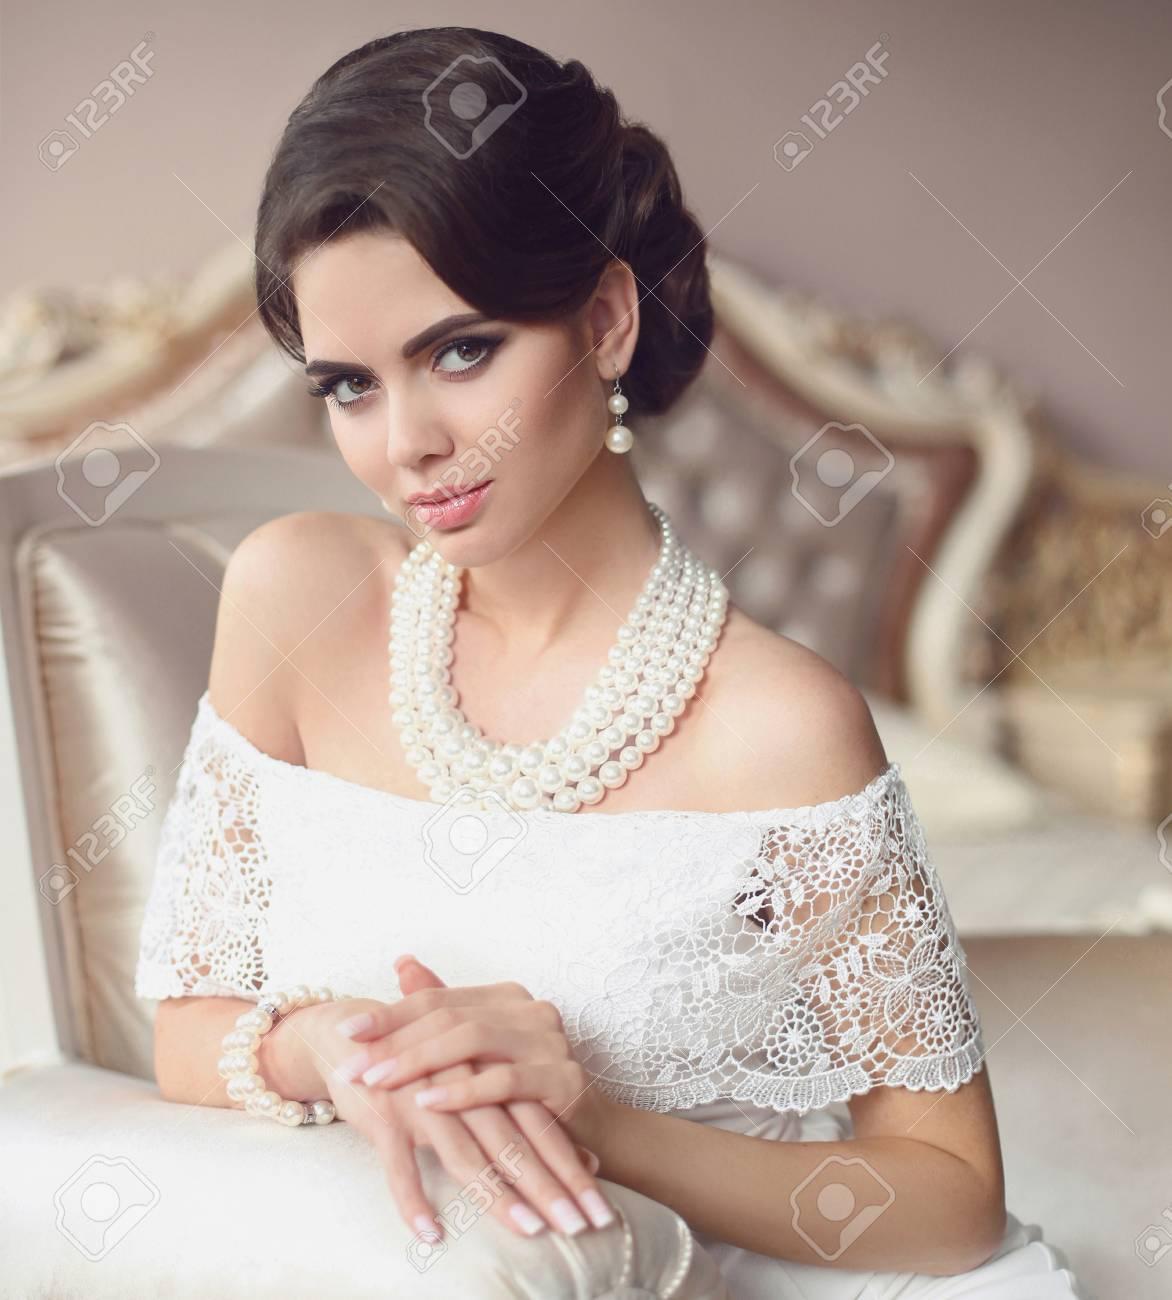 Hermosa Morena, Elegante Retrato De Mujer. Conjunto De Joyas De Perlas De  Moda. Señora Retra Con Maquillaje, Peinado Ondulado En Vestido Sexy Blanco  Posando En La Cama Moderna En El Interior De